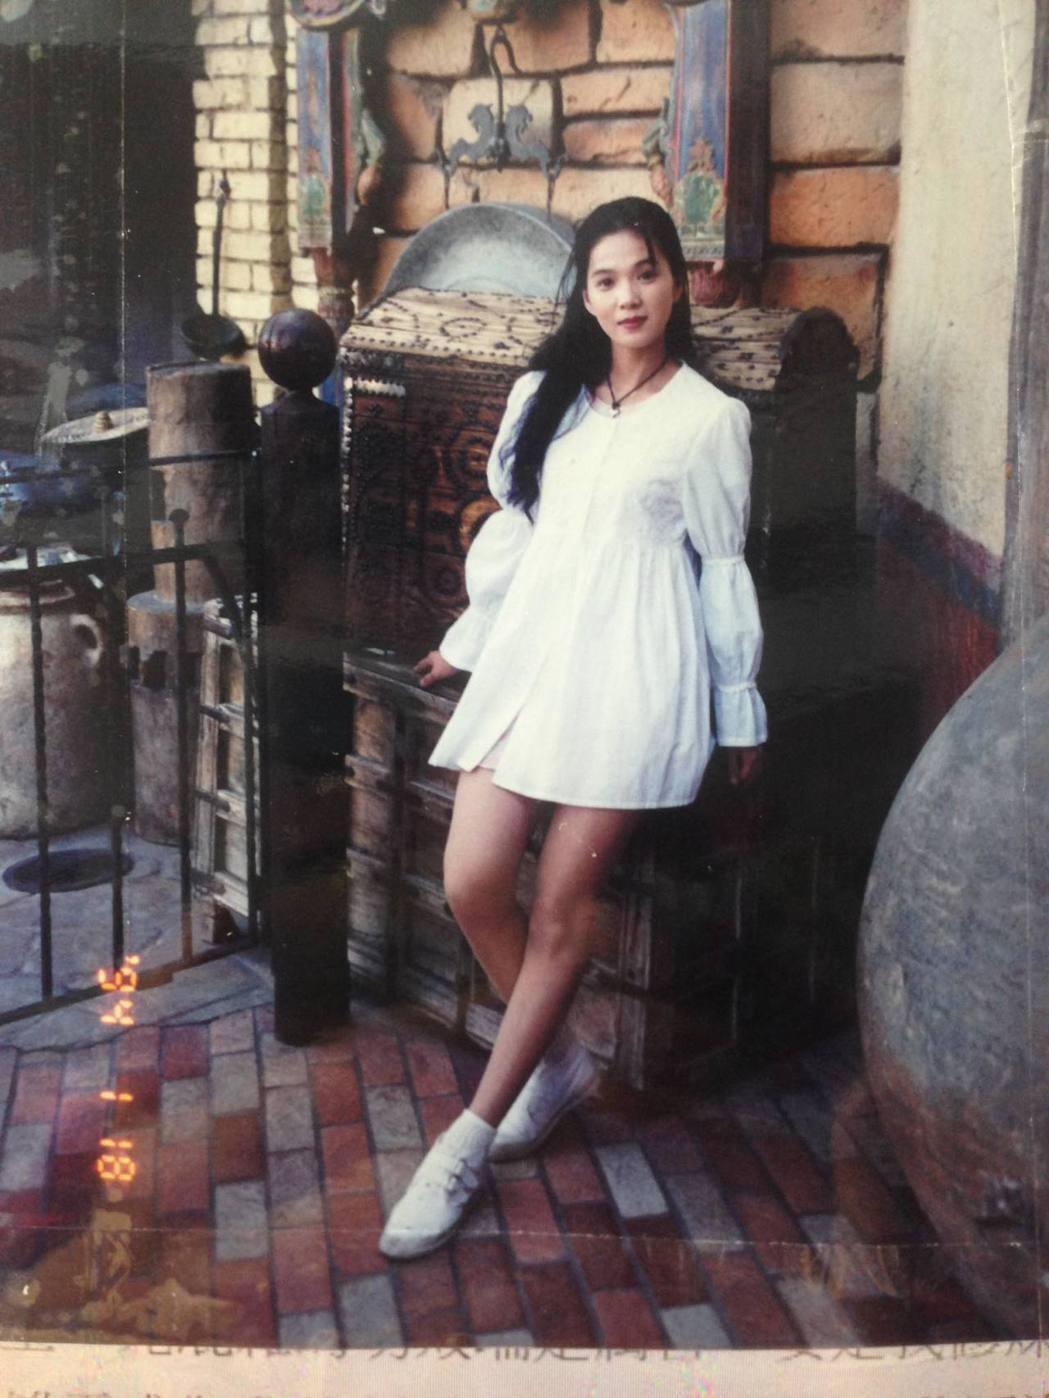 丁國琳24年前的舊照。 圖/擷自丁國琳臉書